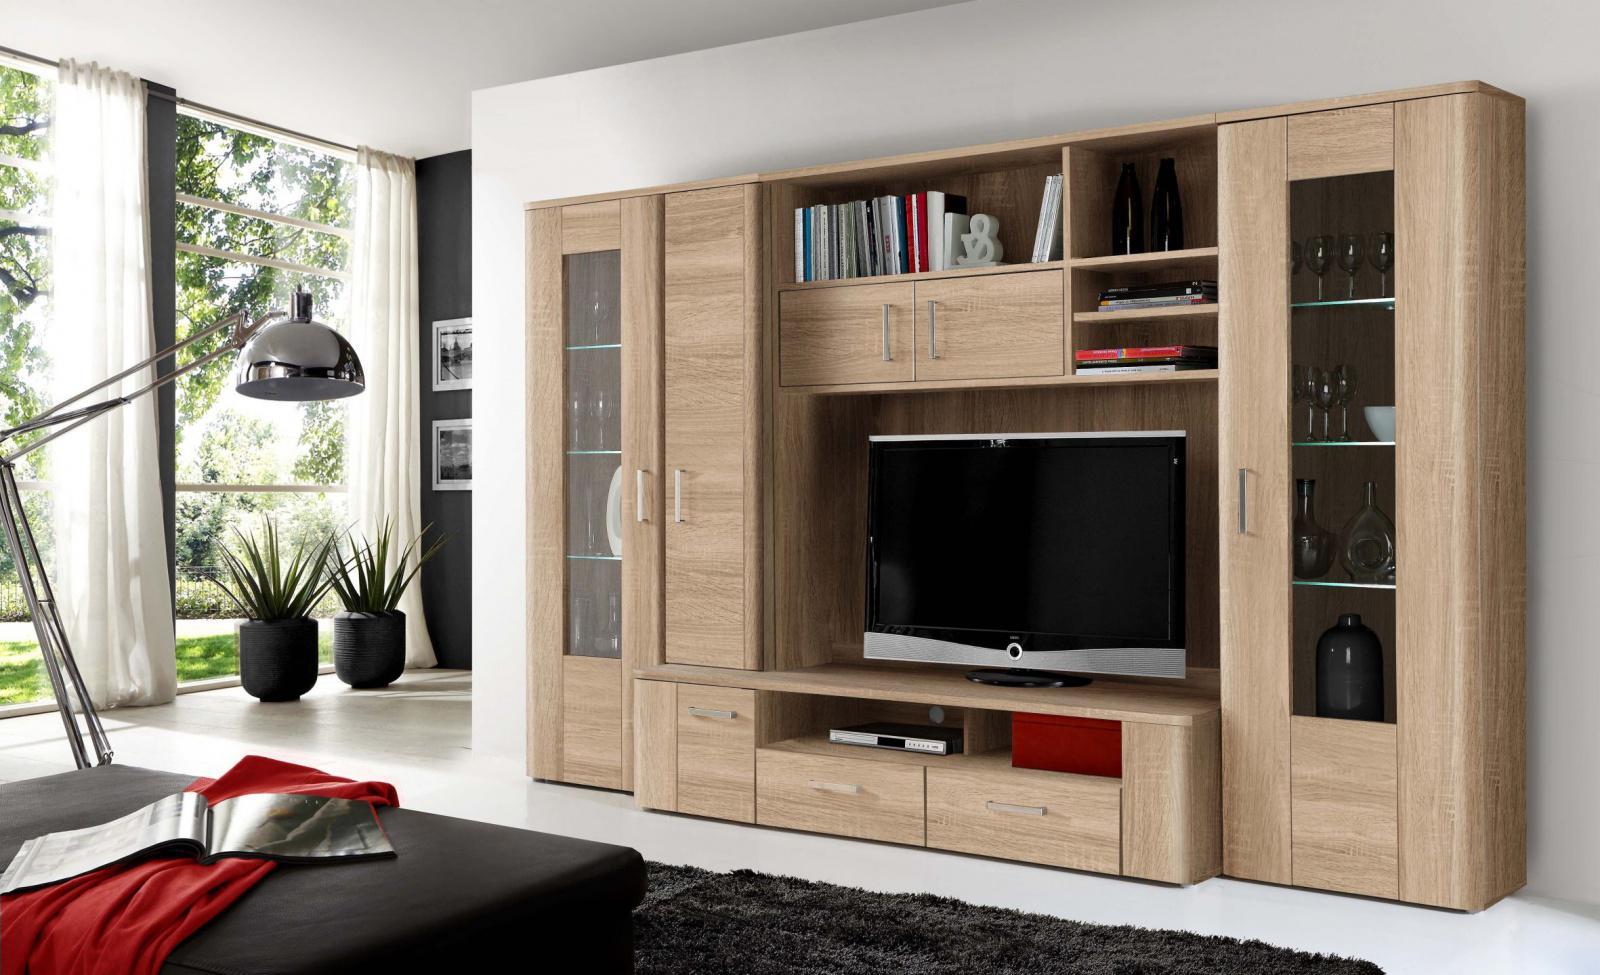 wohnwand libella 6 t rig in sonoma eiche kaufen bei. Black Bedroom Furniture Sets. Home Design Ideas